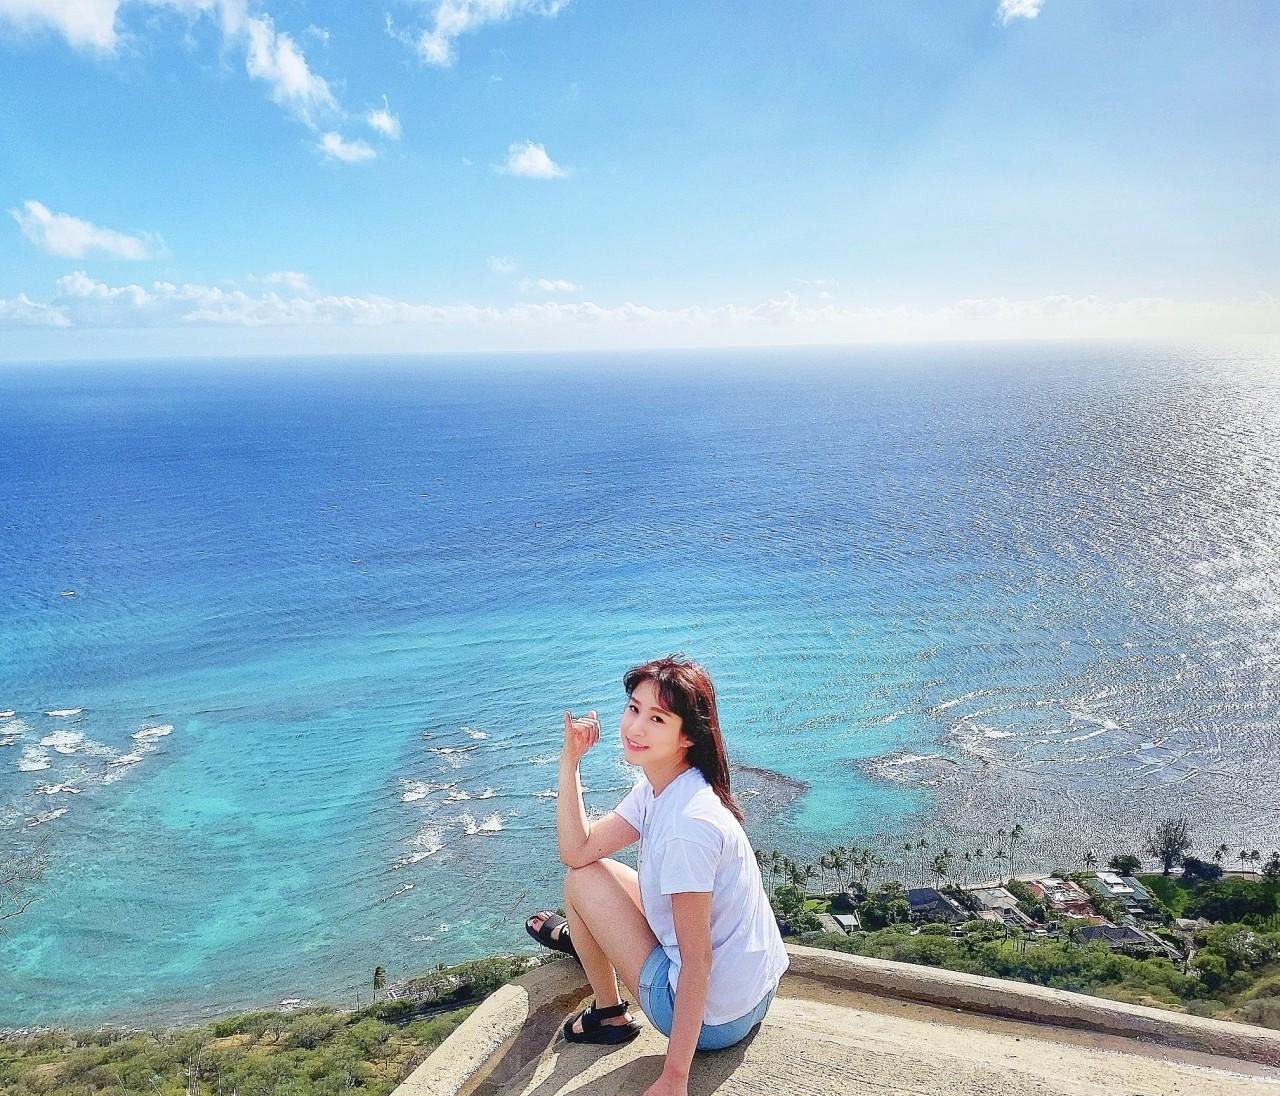 ハワイ〜ホノルル旅行♡ダイヤモンドヘッドからの景色